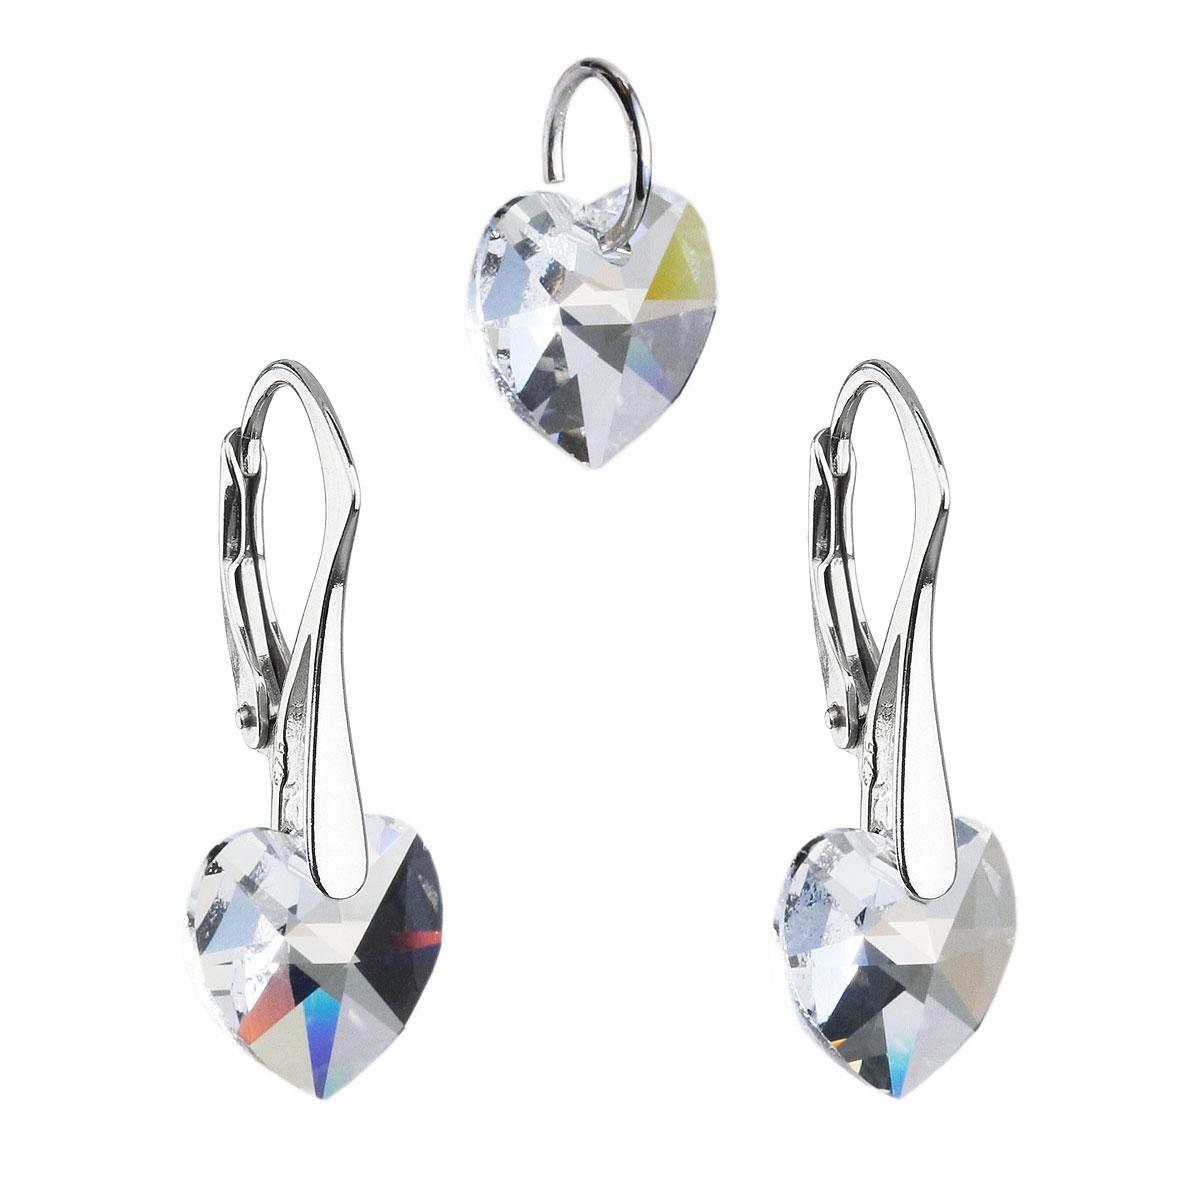 Evolution Group Sada šperků s krystaly Swarovski náušnice a přívěsek bílá srdce 39003.1